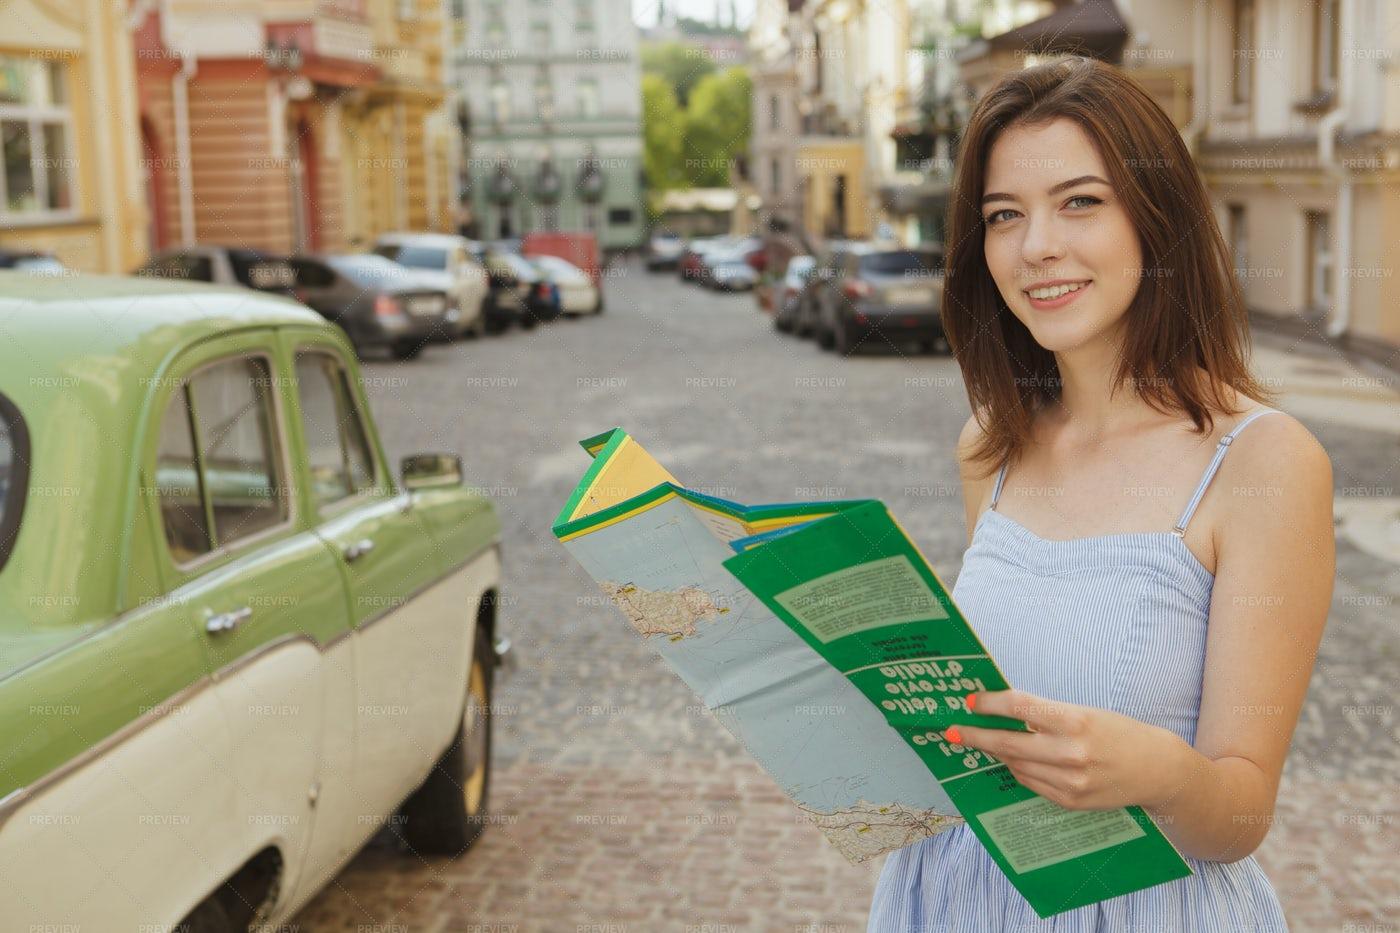 Woman Explores The City: Stock Photos